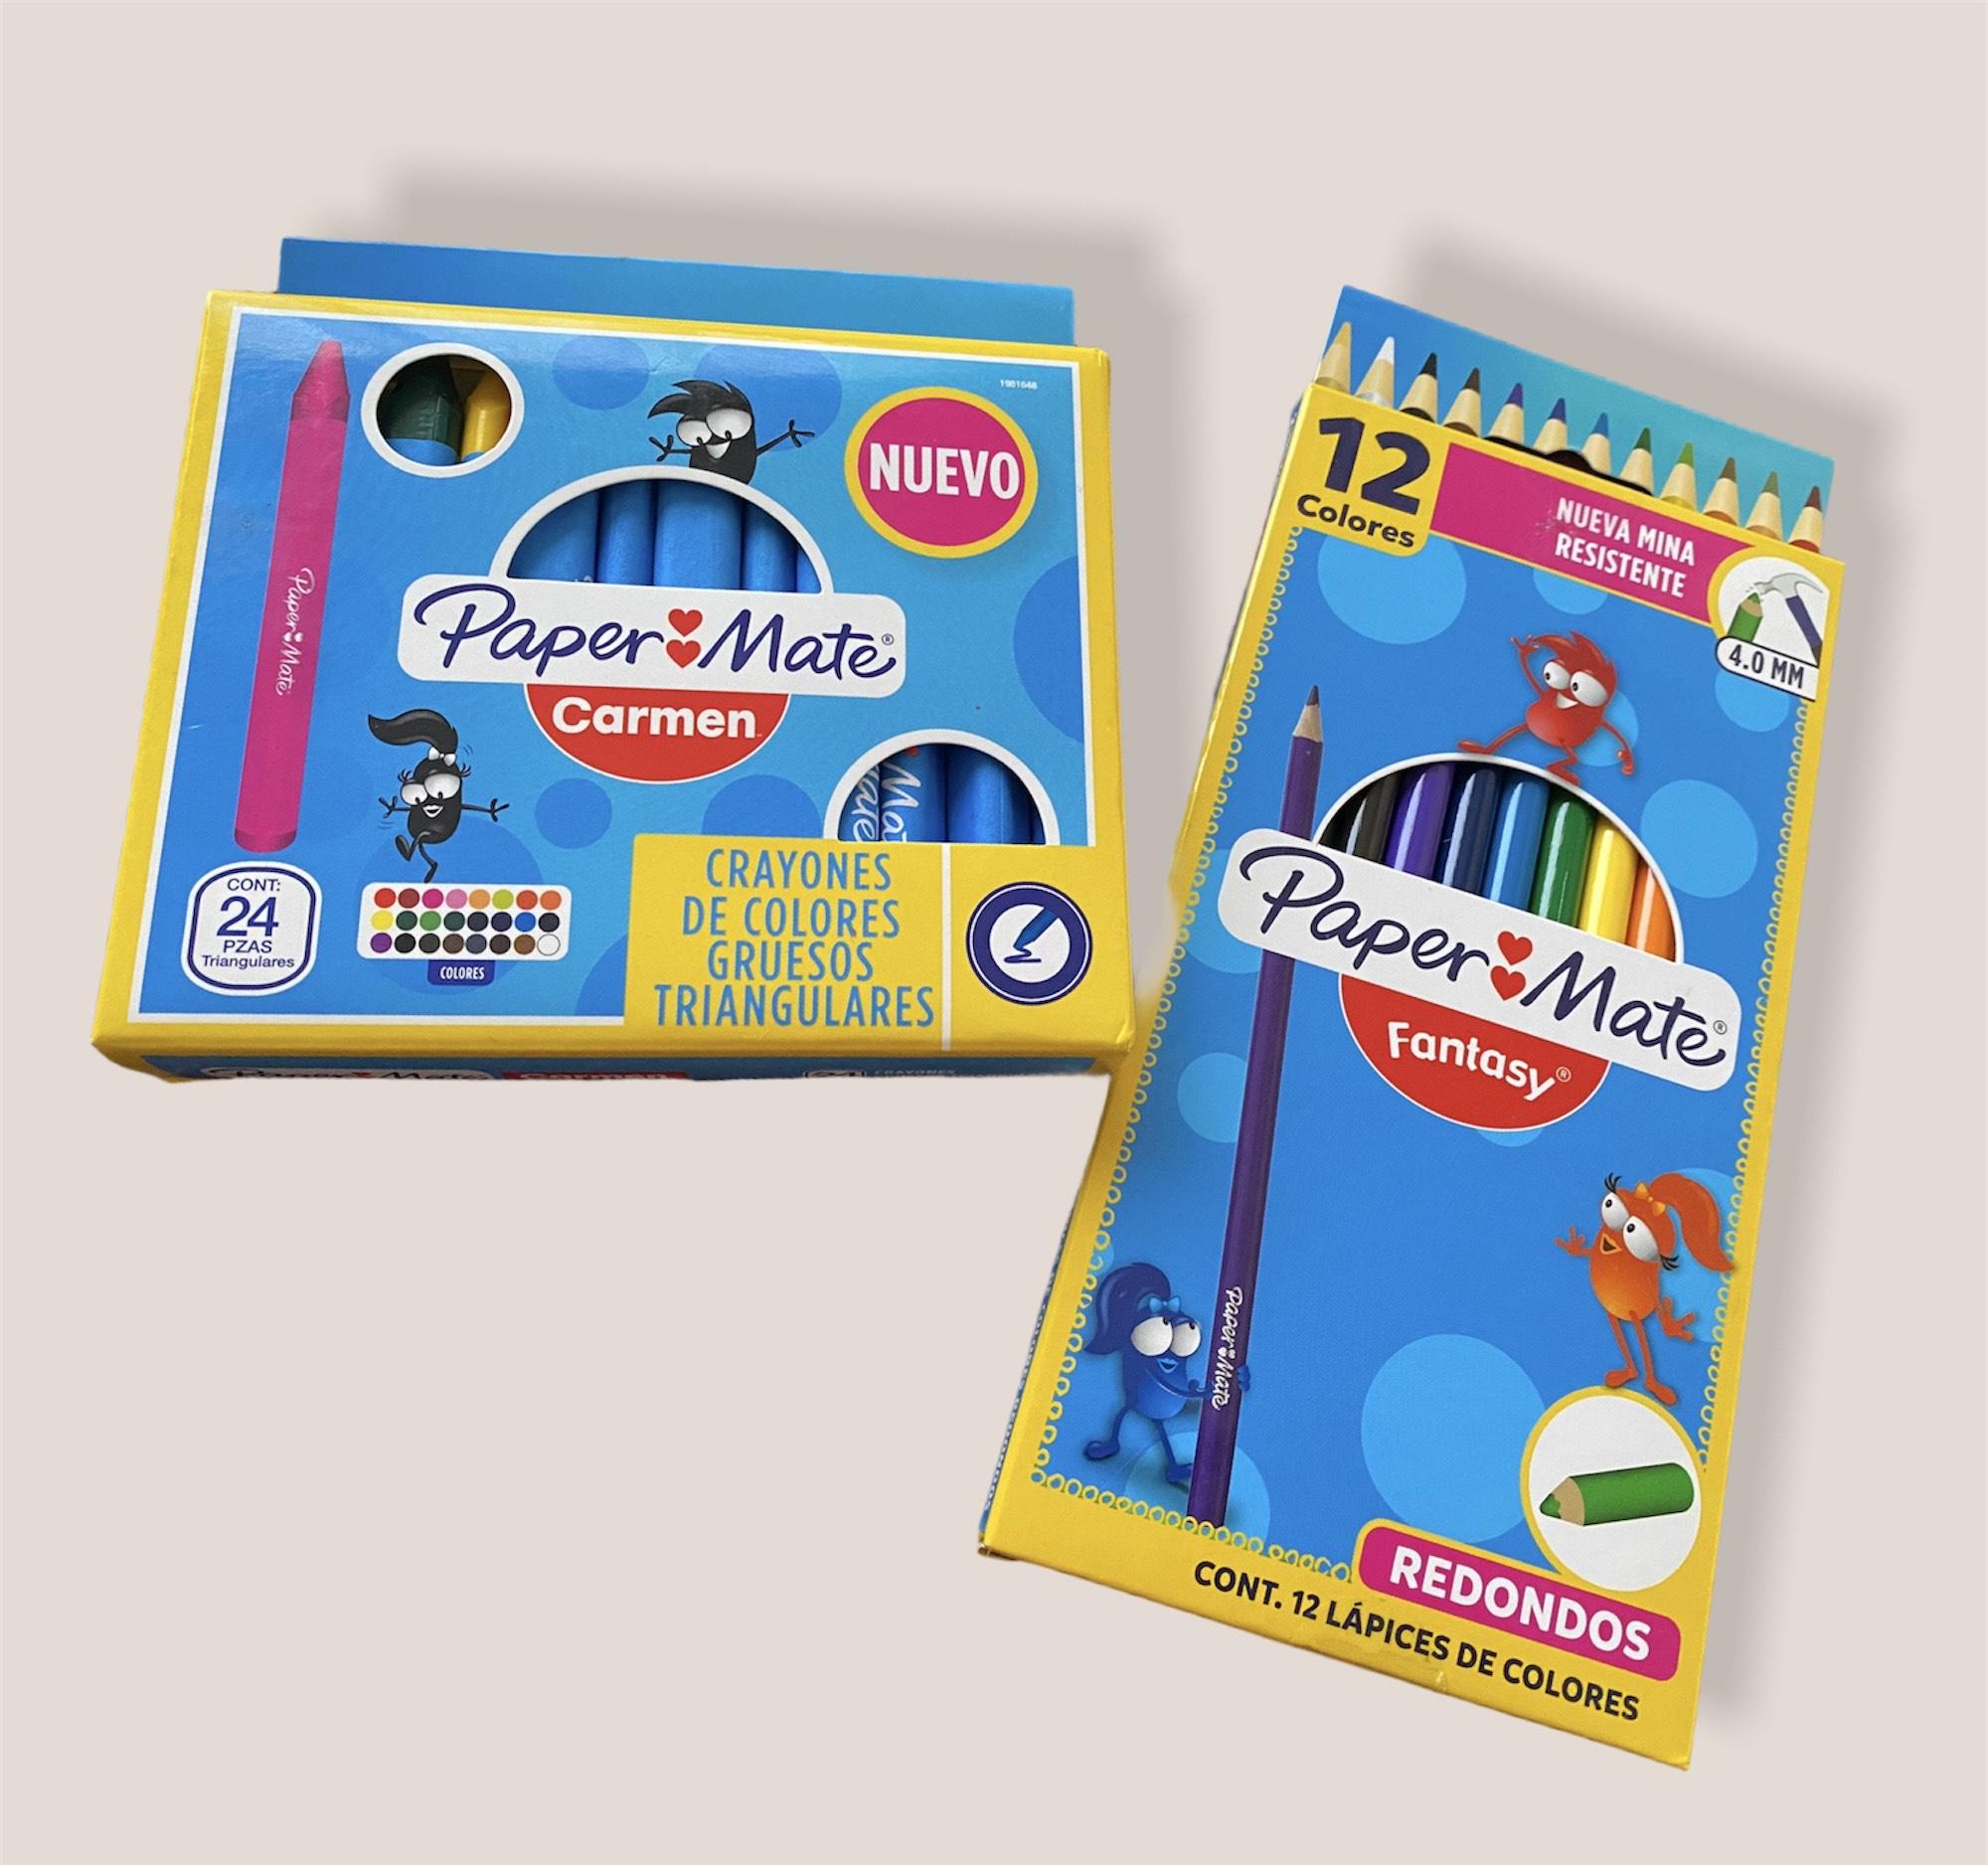 Bodega Aurrerá: 24 Crayones paper mate